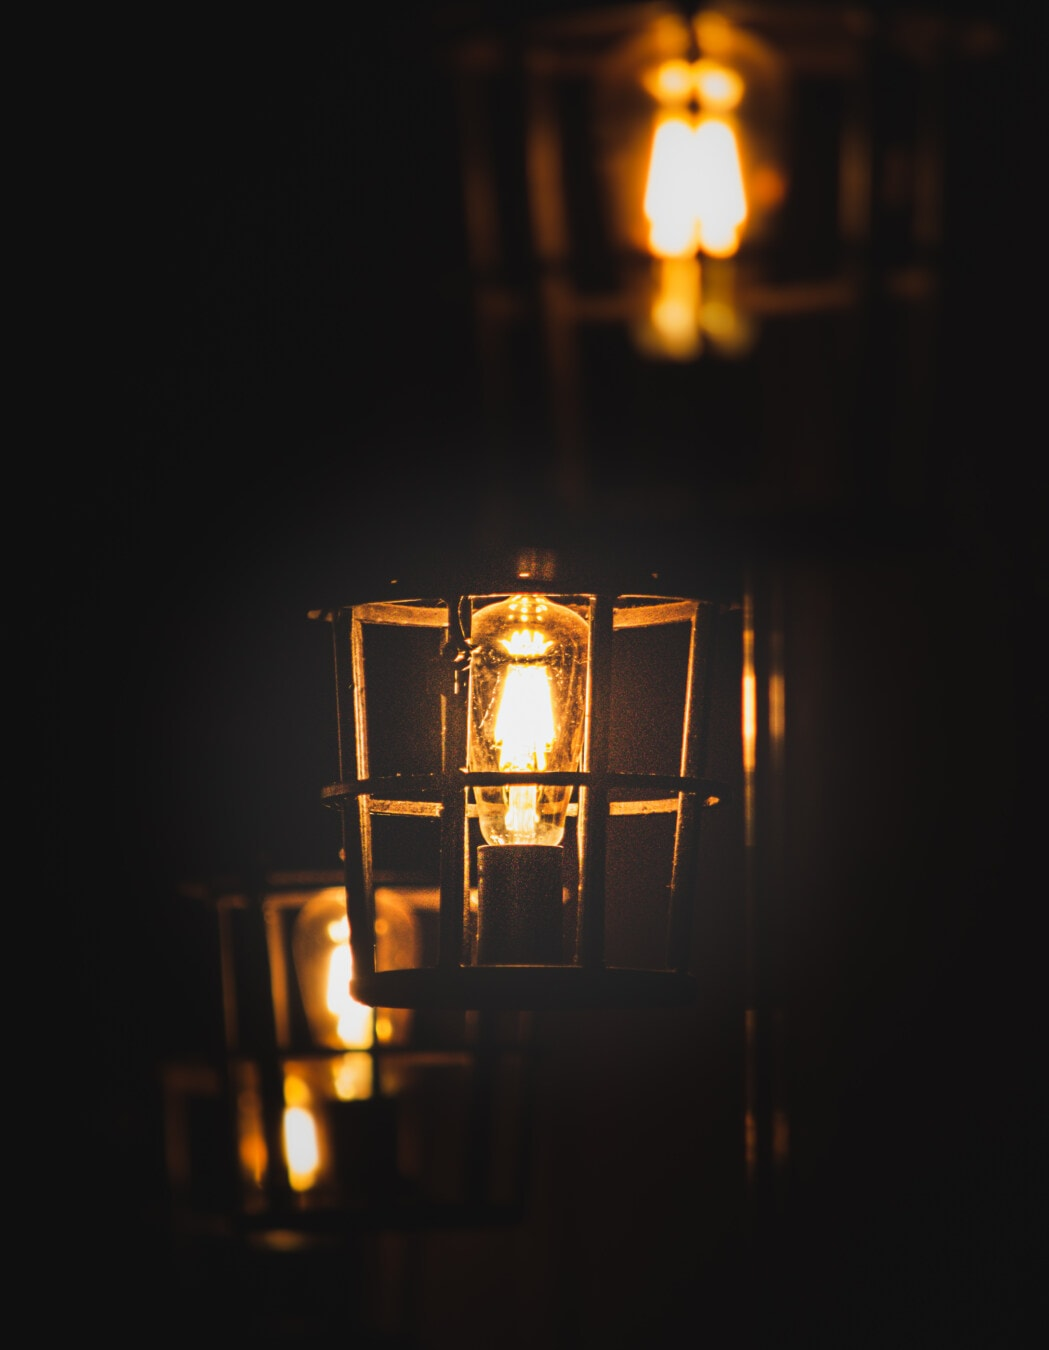 lanterne, style ancien, fer de fonte, ténèbres, morelle, nuit, brun clair, vintage, ampoule, lumière